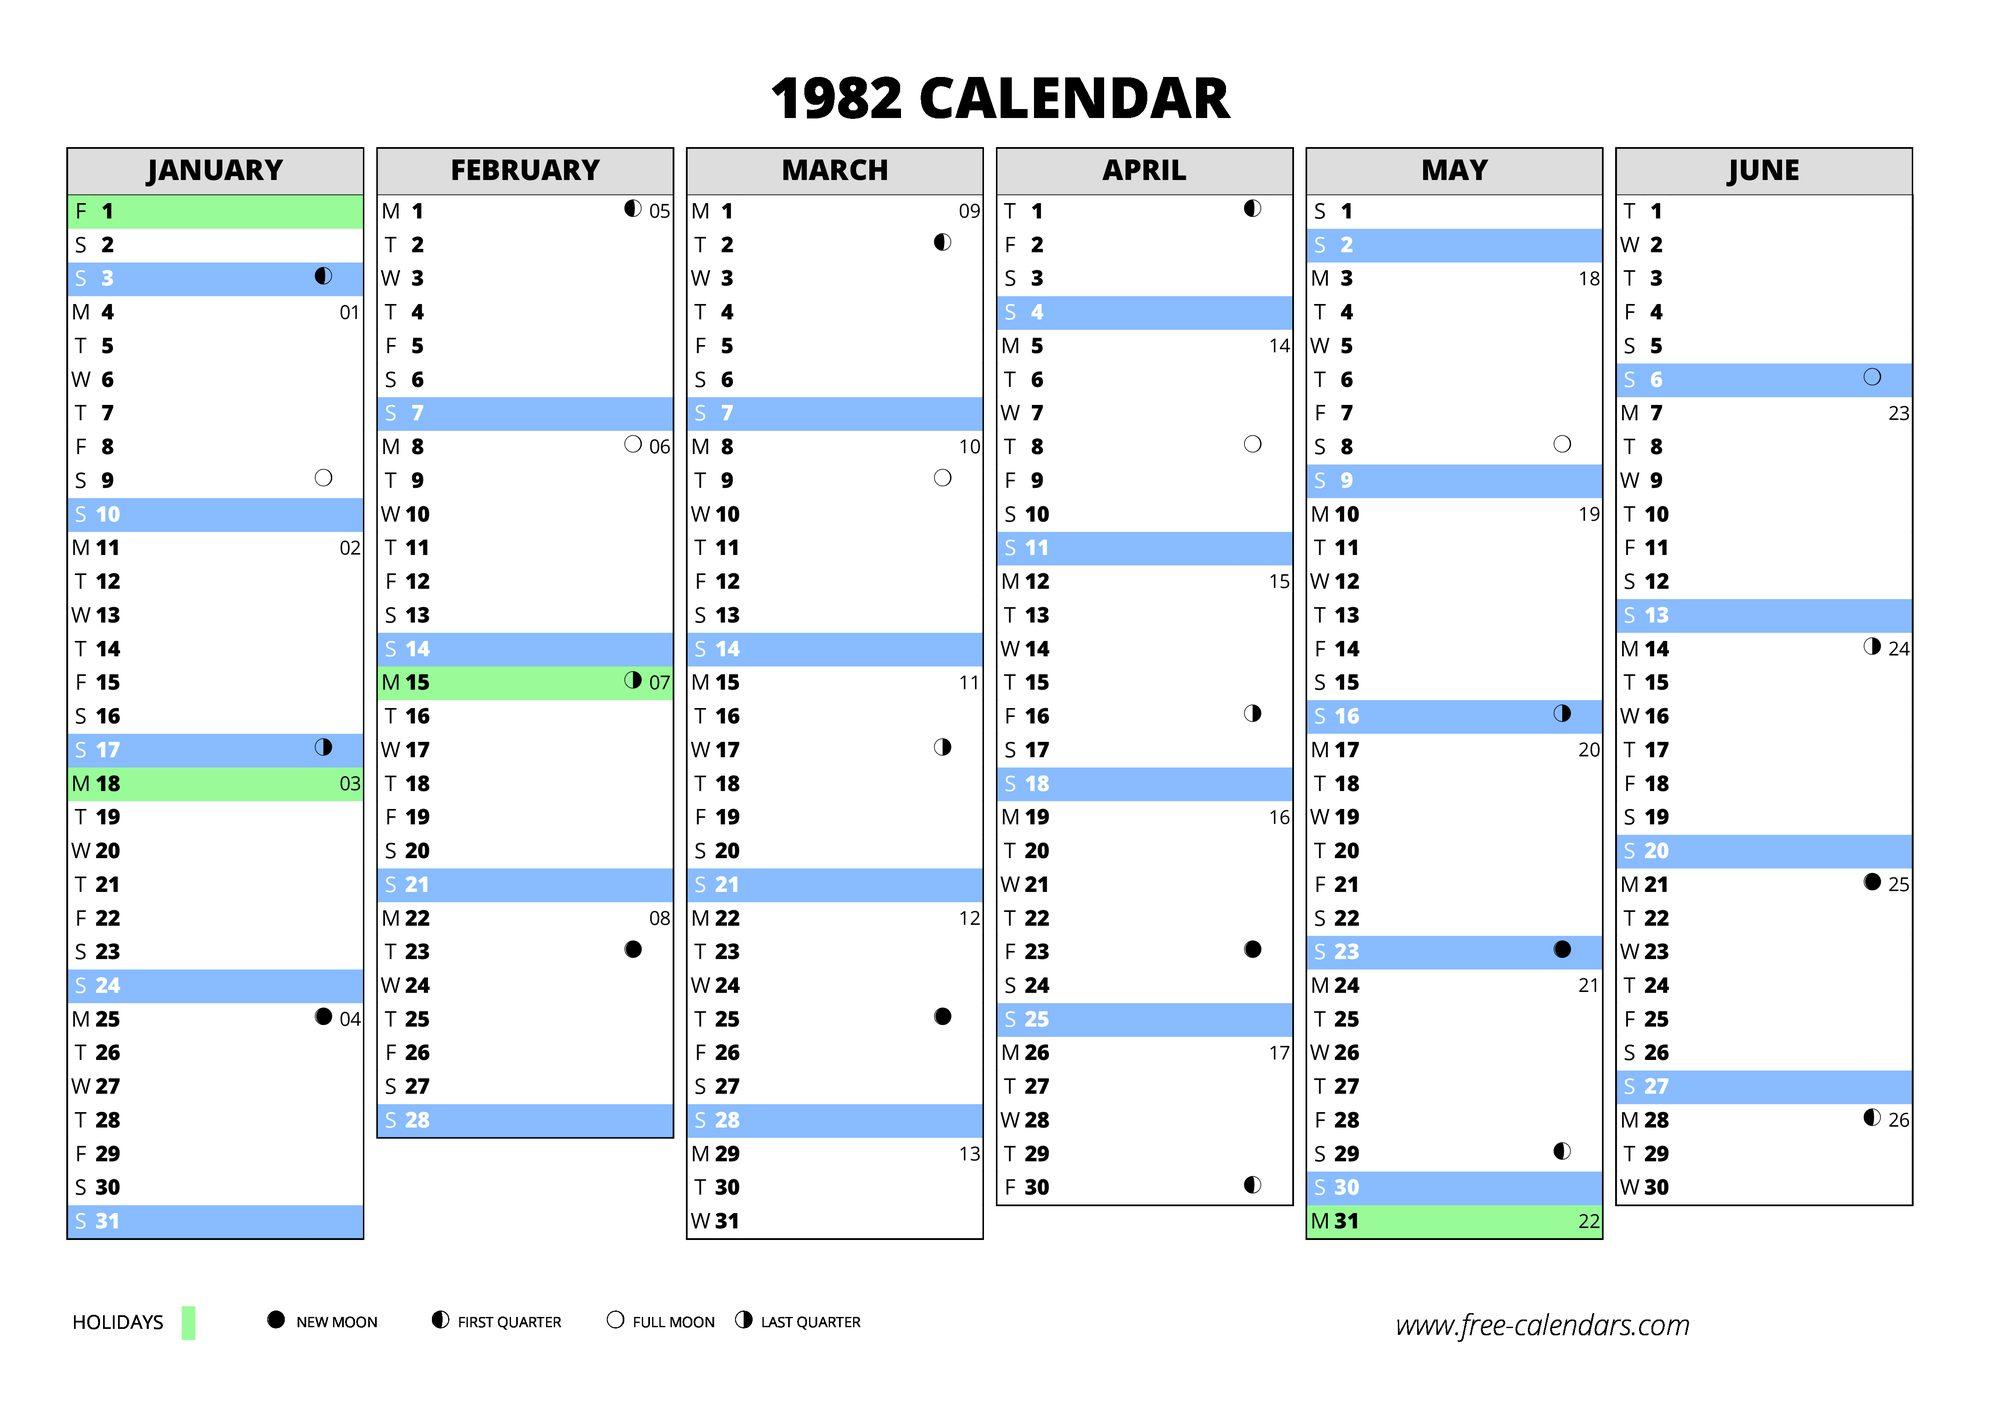 1982 Calendar Telugu.1982 Calendar Free Calendars Com